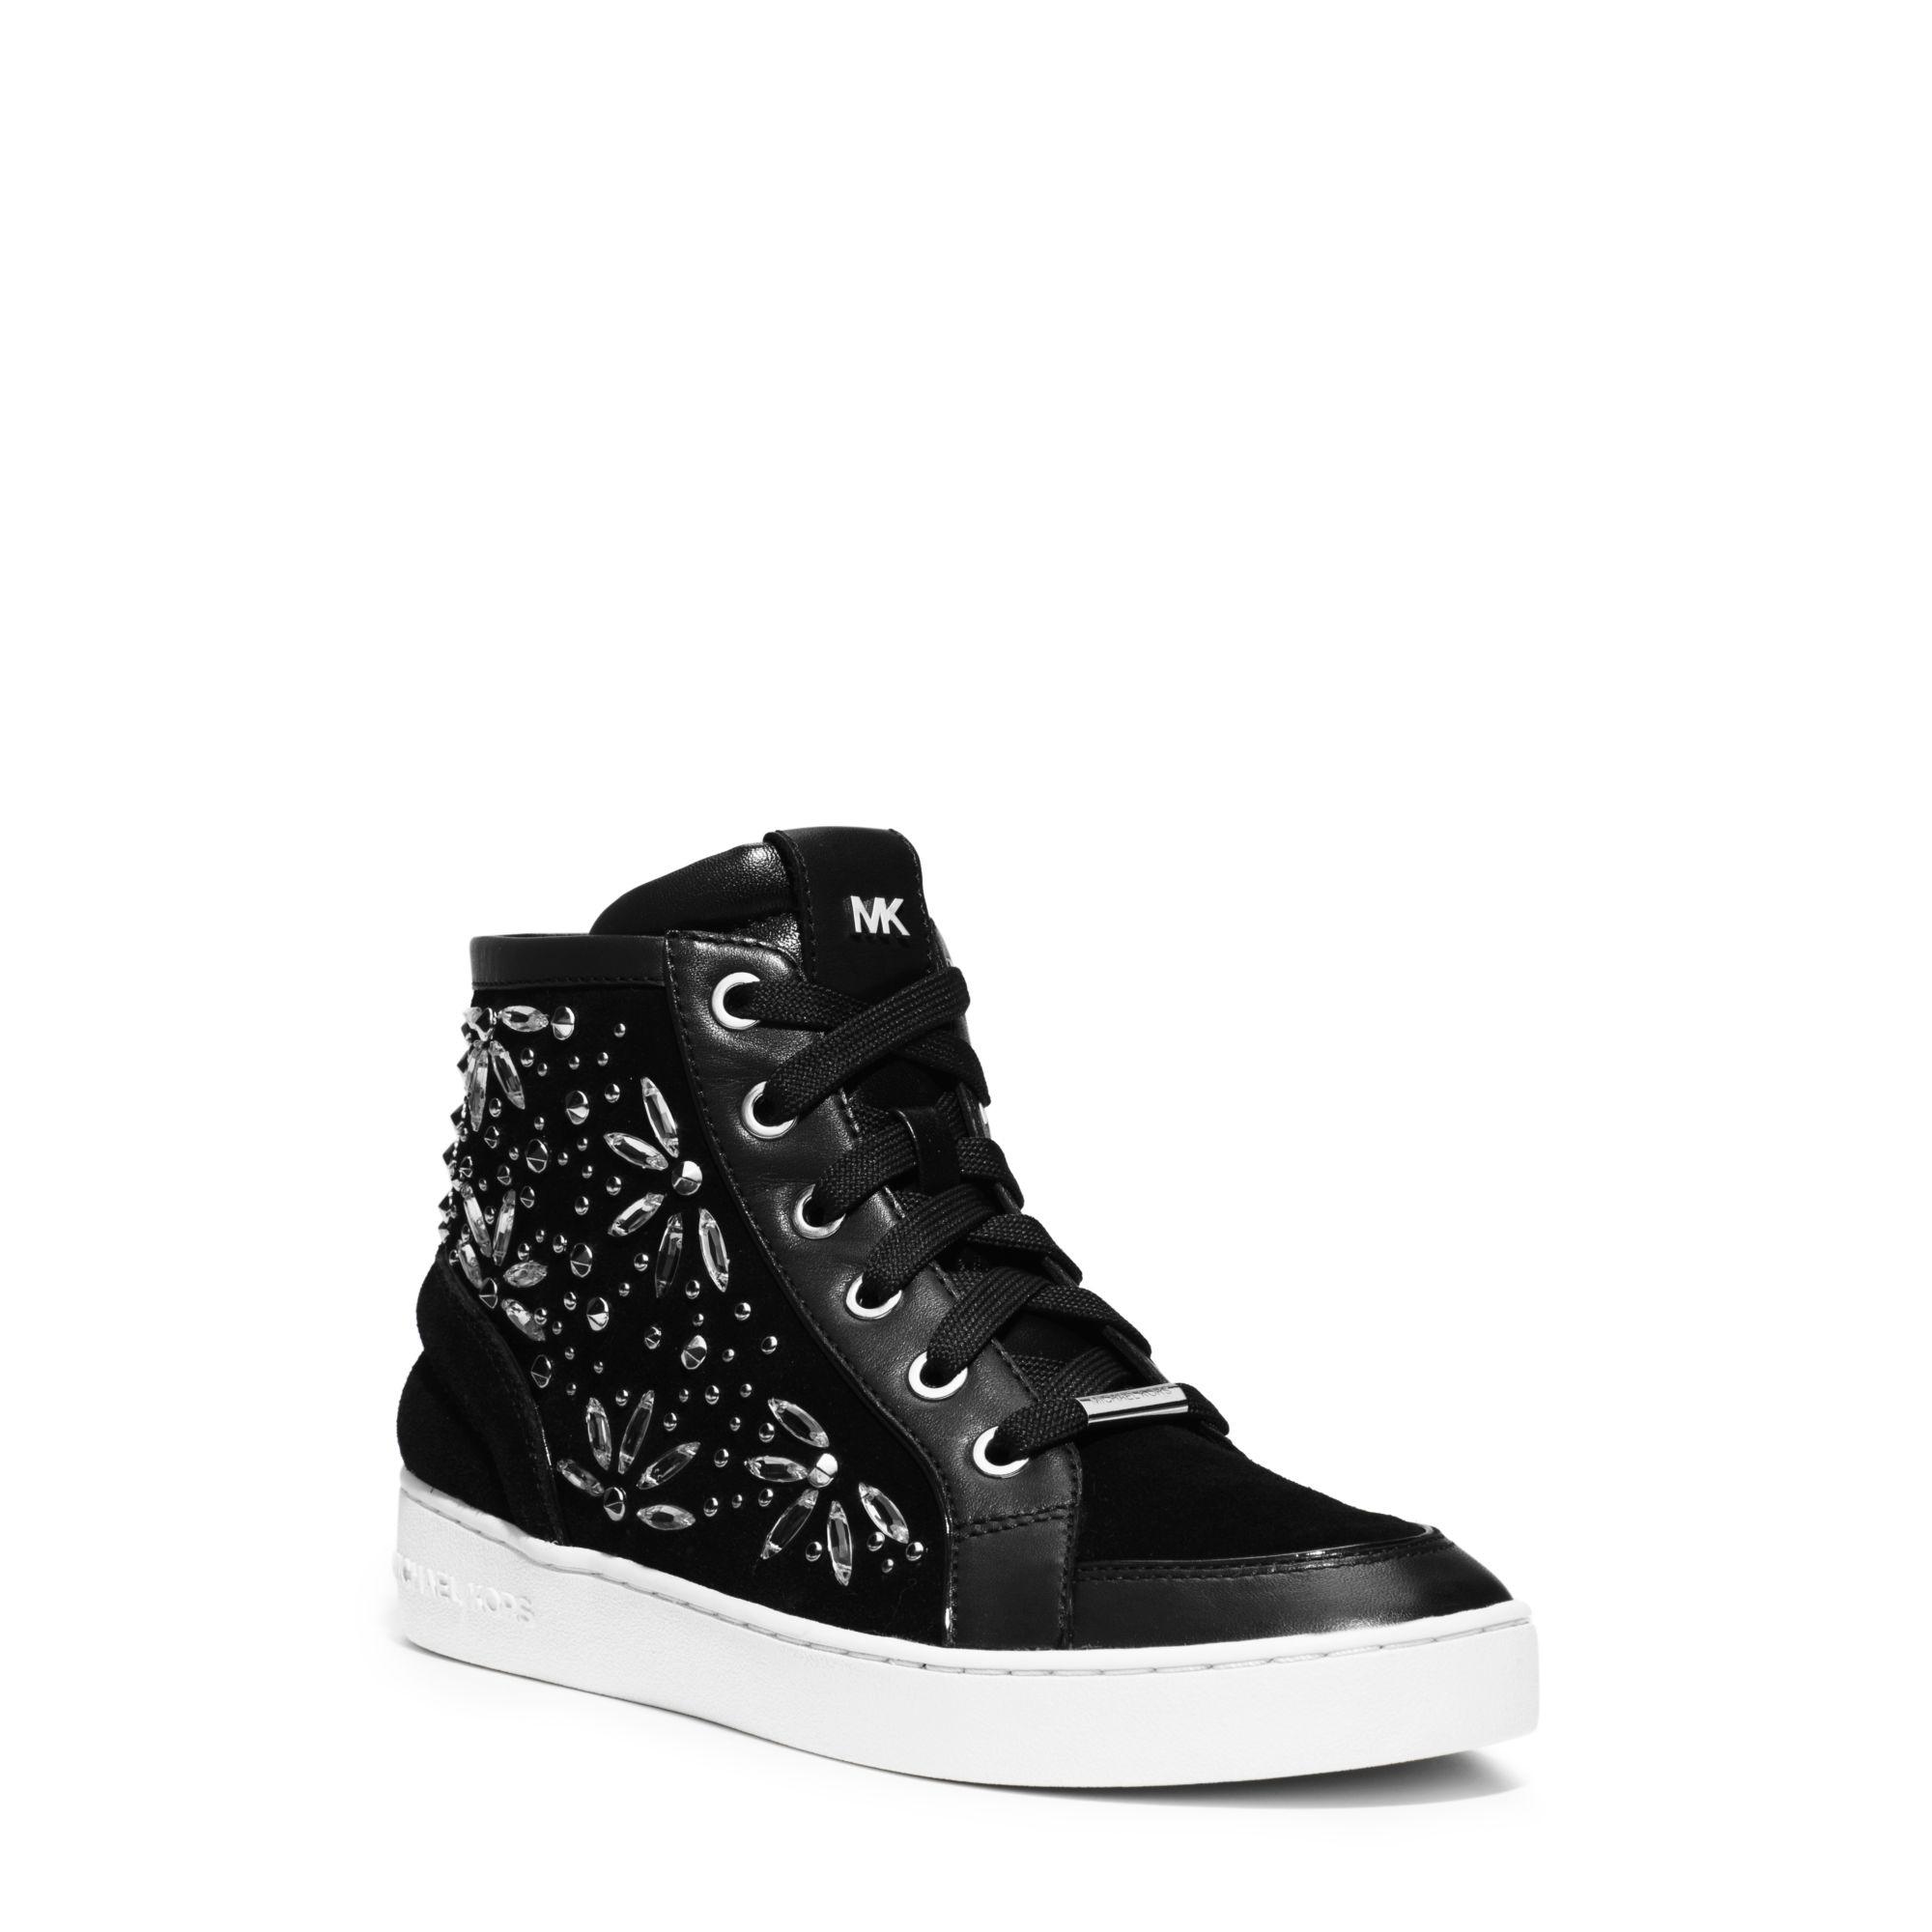 michael kors nadine embellished suede high top sneaker in black lyst. Black Bedroom Furniture Sets. Home Design Ideas